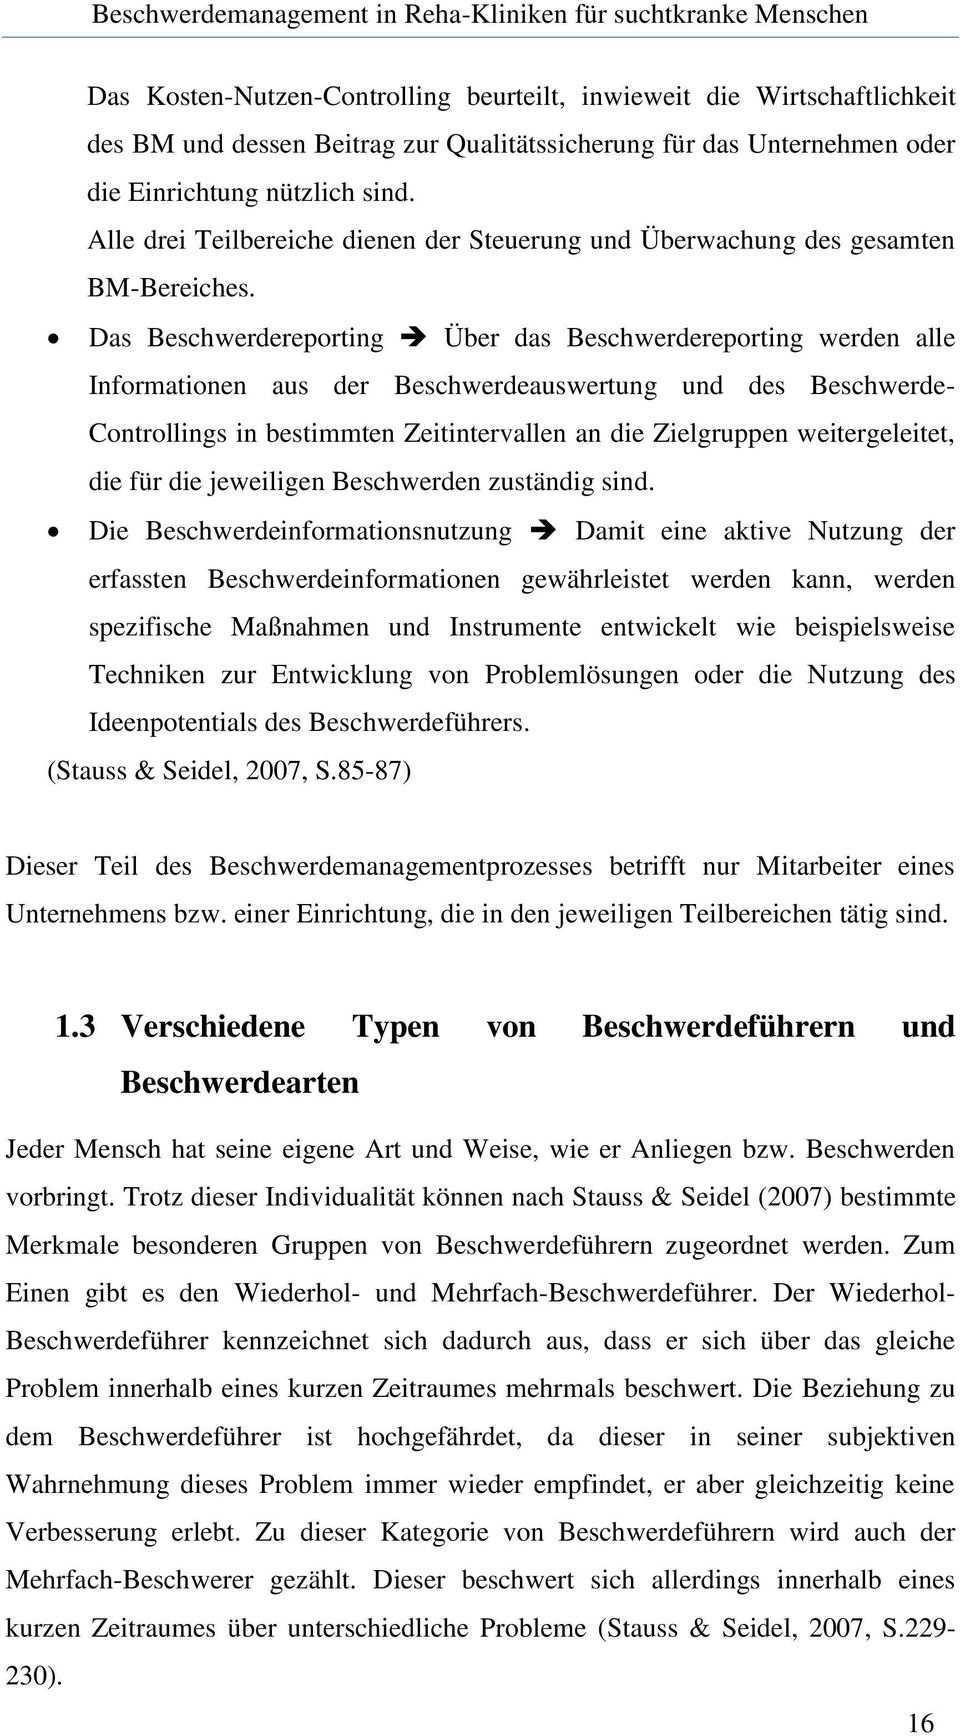 Beschwerdemanagement In Reha Kliniken Fur Suchtkranke Menschen Pdf Free Download